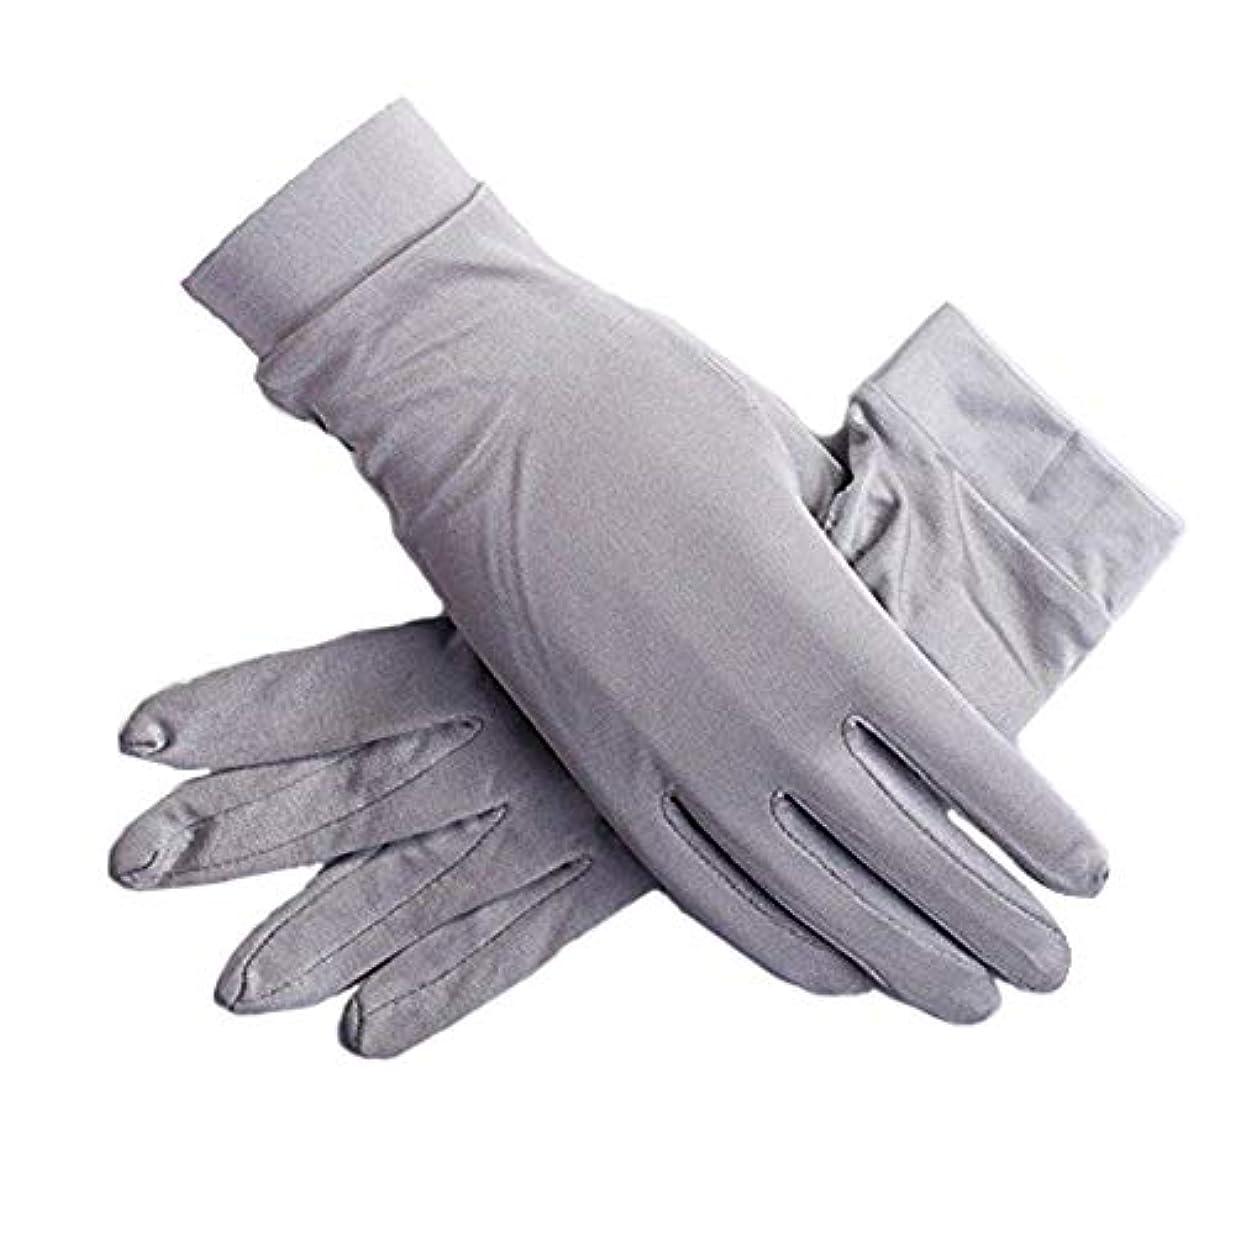 今晩複数鎮痛剤メンズ シルク手袋 手袋 シルク おやすみ 手触り夏 ハンド ケア レディース日焼け防止 が良い 紫外線 保湿